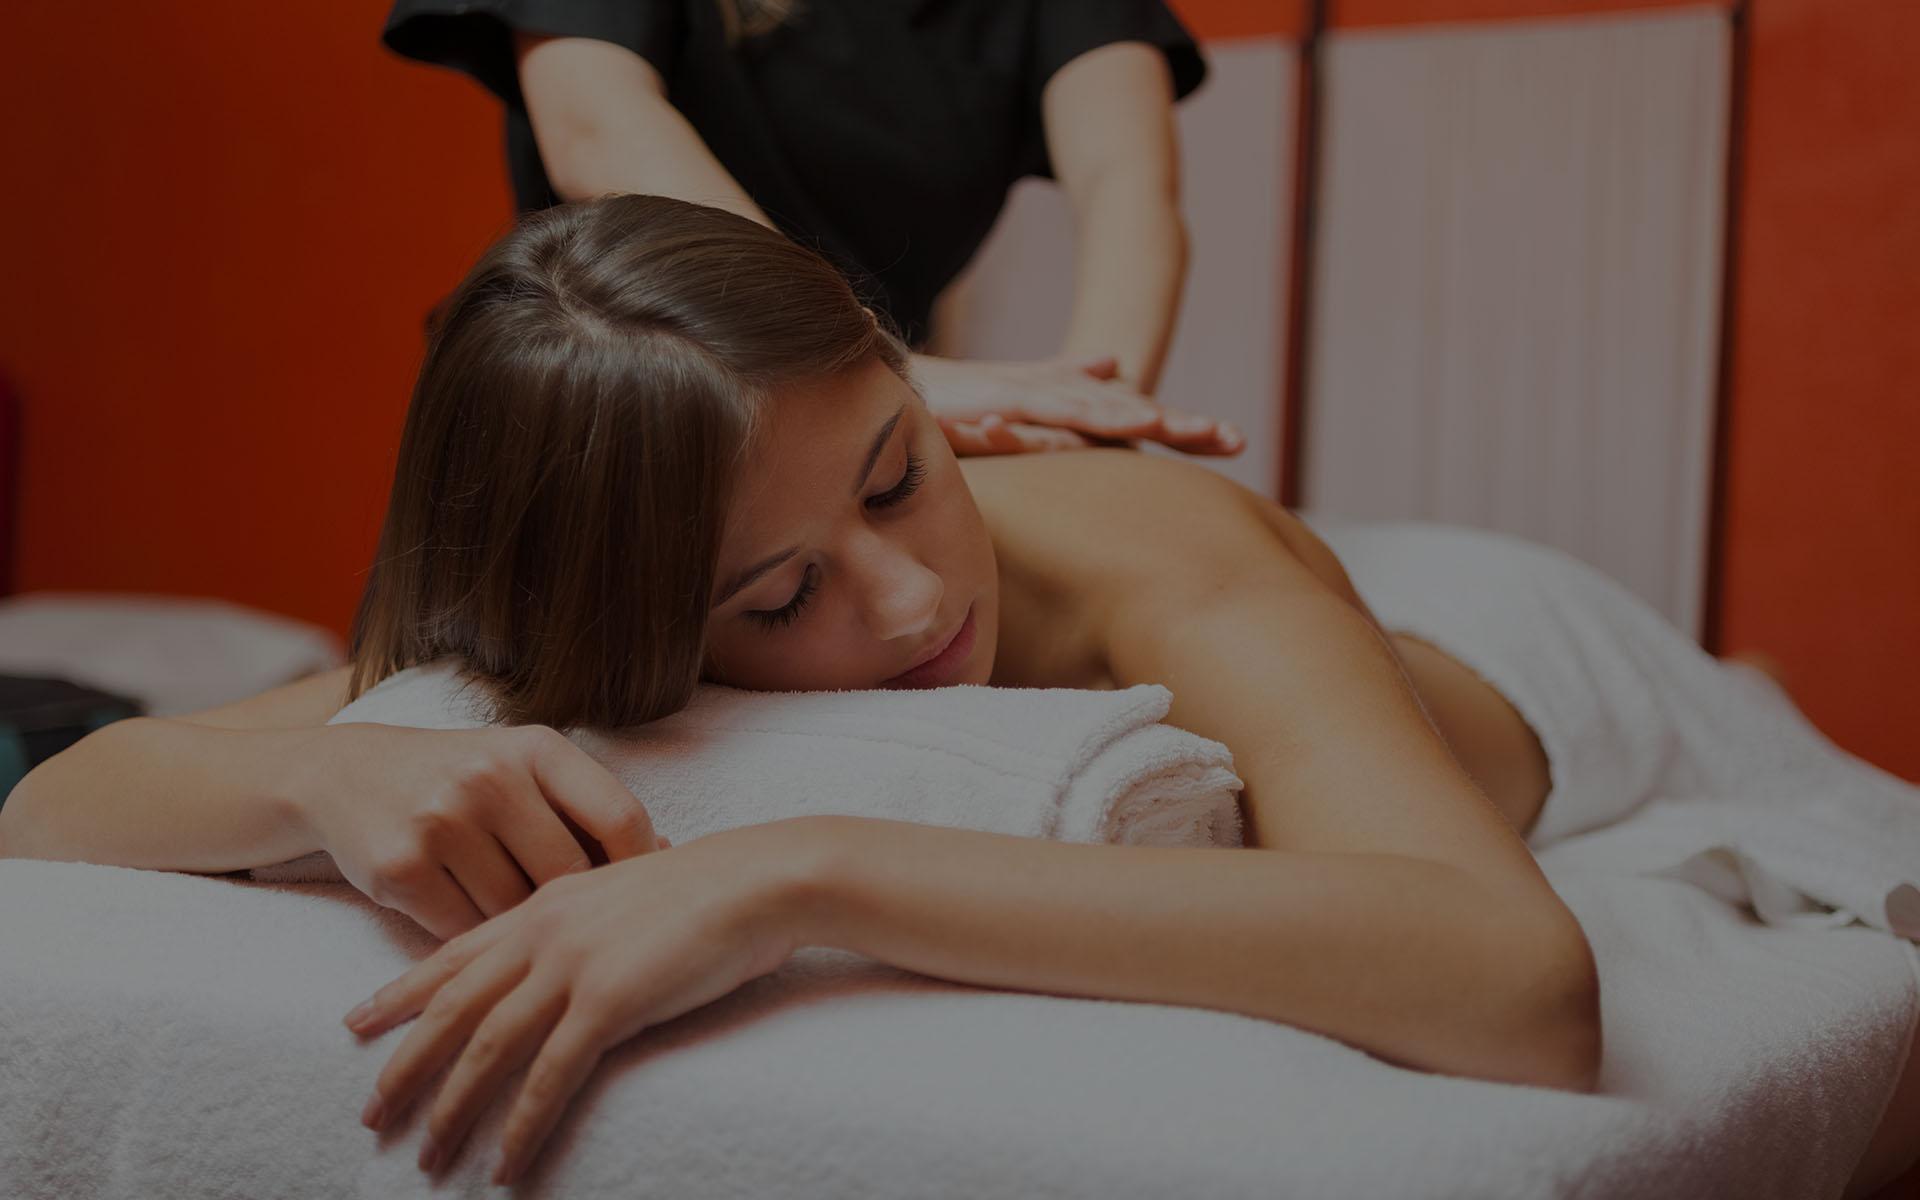 centro de masaje en valladolid, osteopatia Valladolid, osteopata, masajes en valladolid